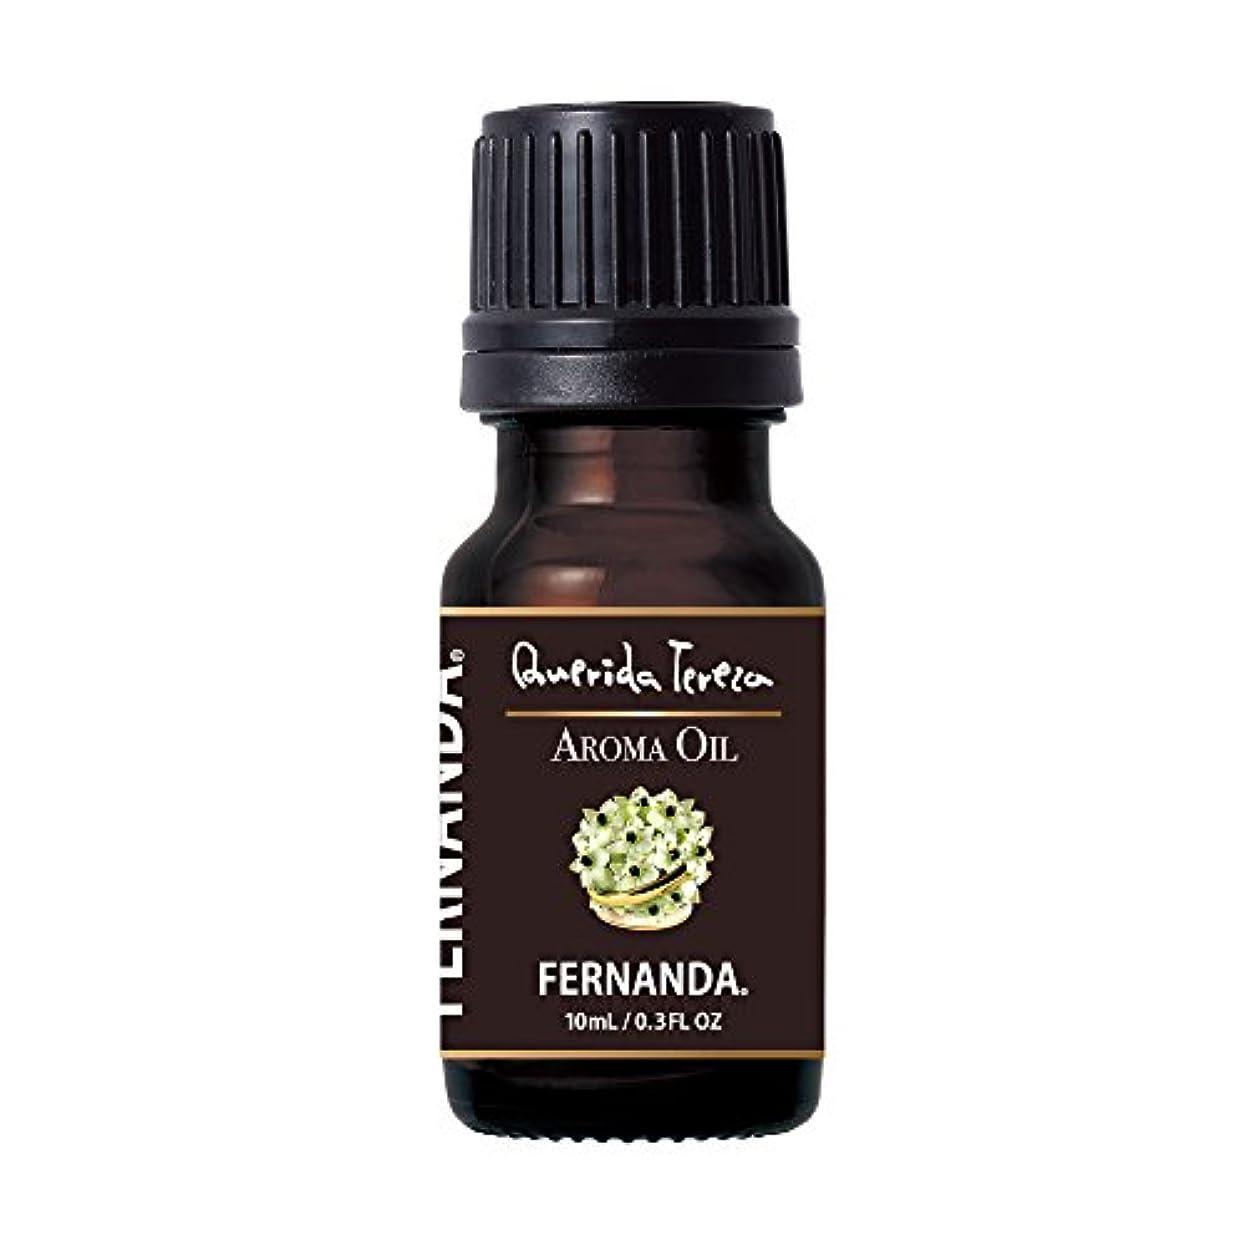 軽蔑する十分インターネットFERNANDA(フェルナンダ) Fragrance Aroma Oil Querida Tereza (アロマオイル ケリーダテレーザ)